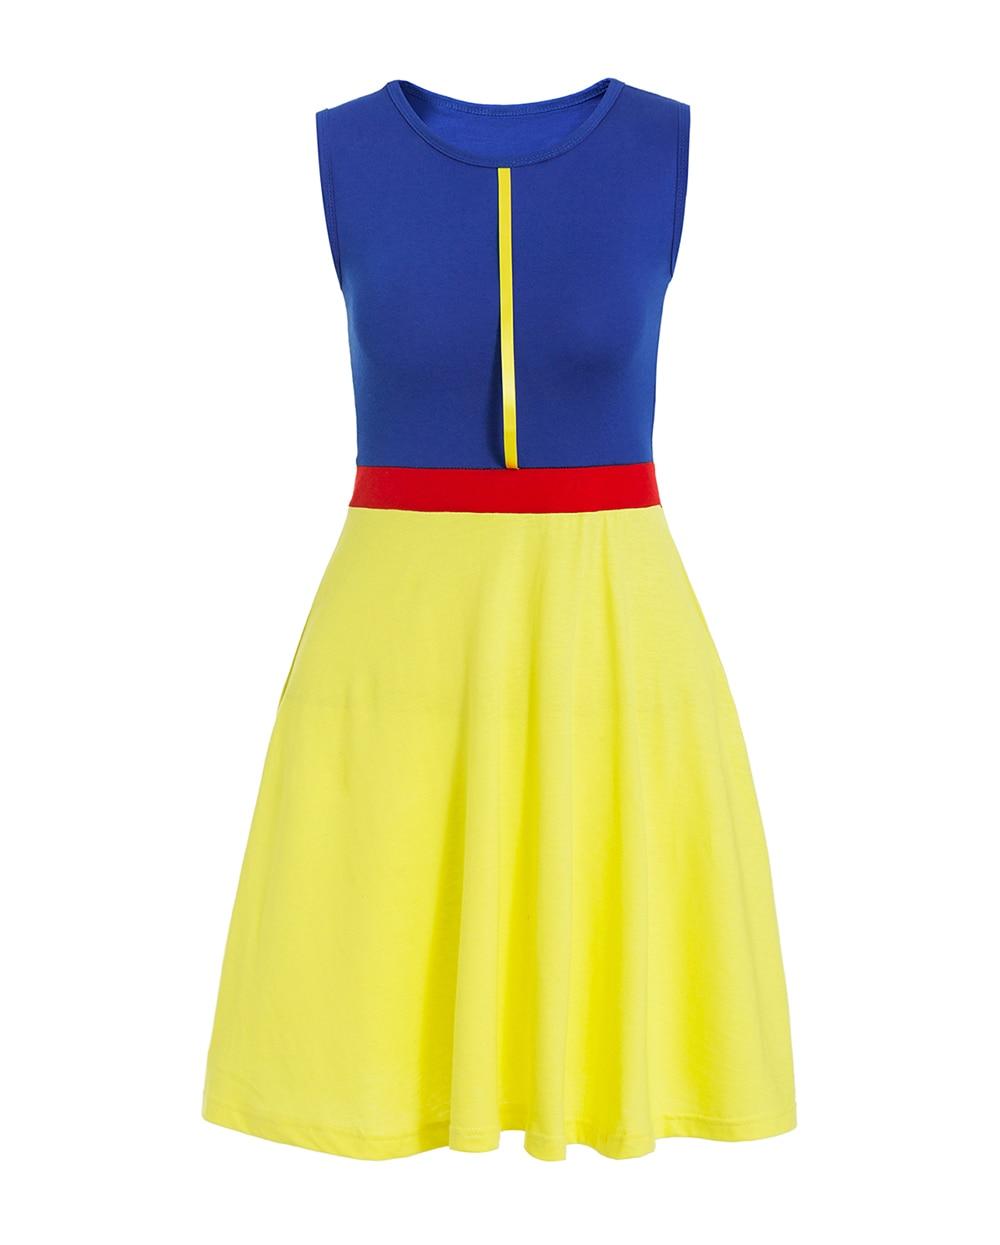 Платье принцессы для взрослых; одинаковый семейный маскарадный костюм «Минни Маус и я»; женское платье принцессы в горошек; большие размеры - Цвет: snow white